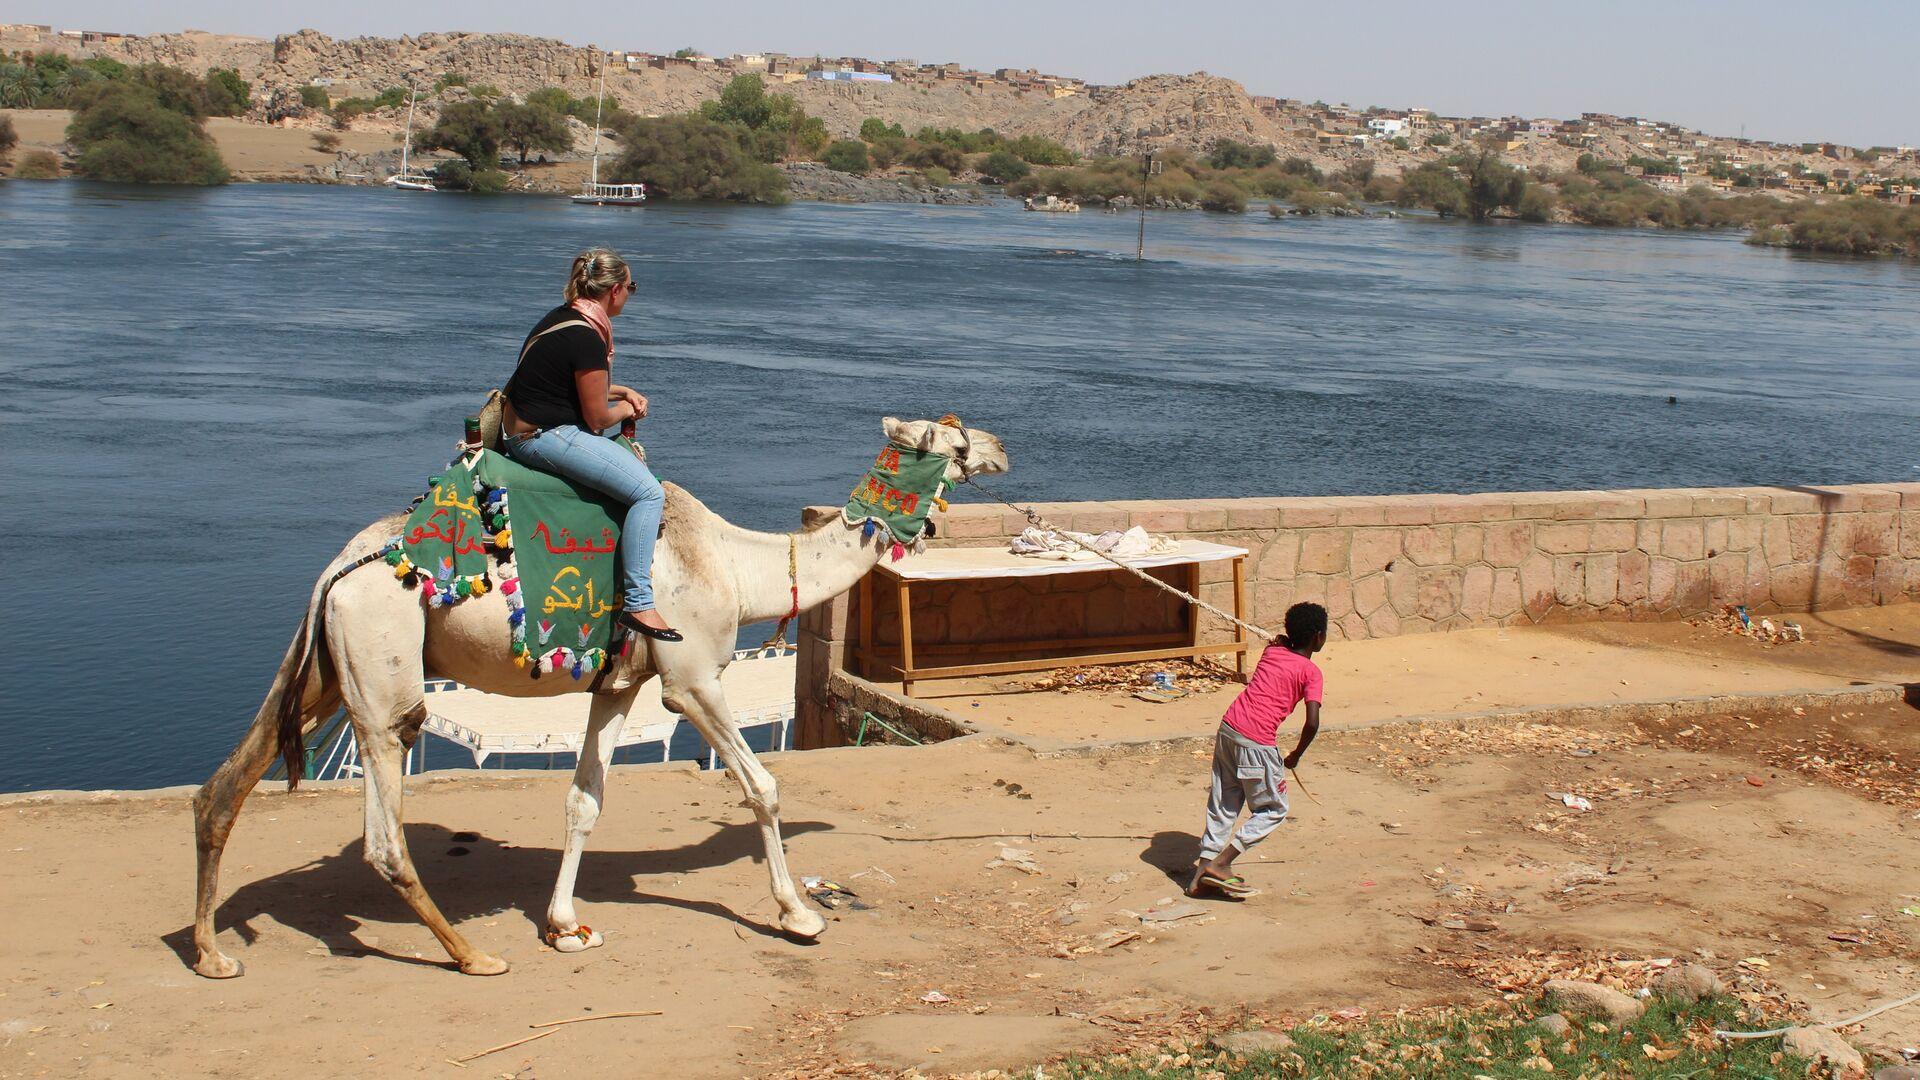 Местный житель катает туристку вдоль Нила на верблюде - РИА Новости, 1920, 05.09.2020